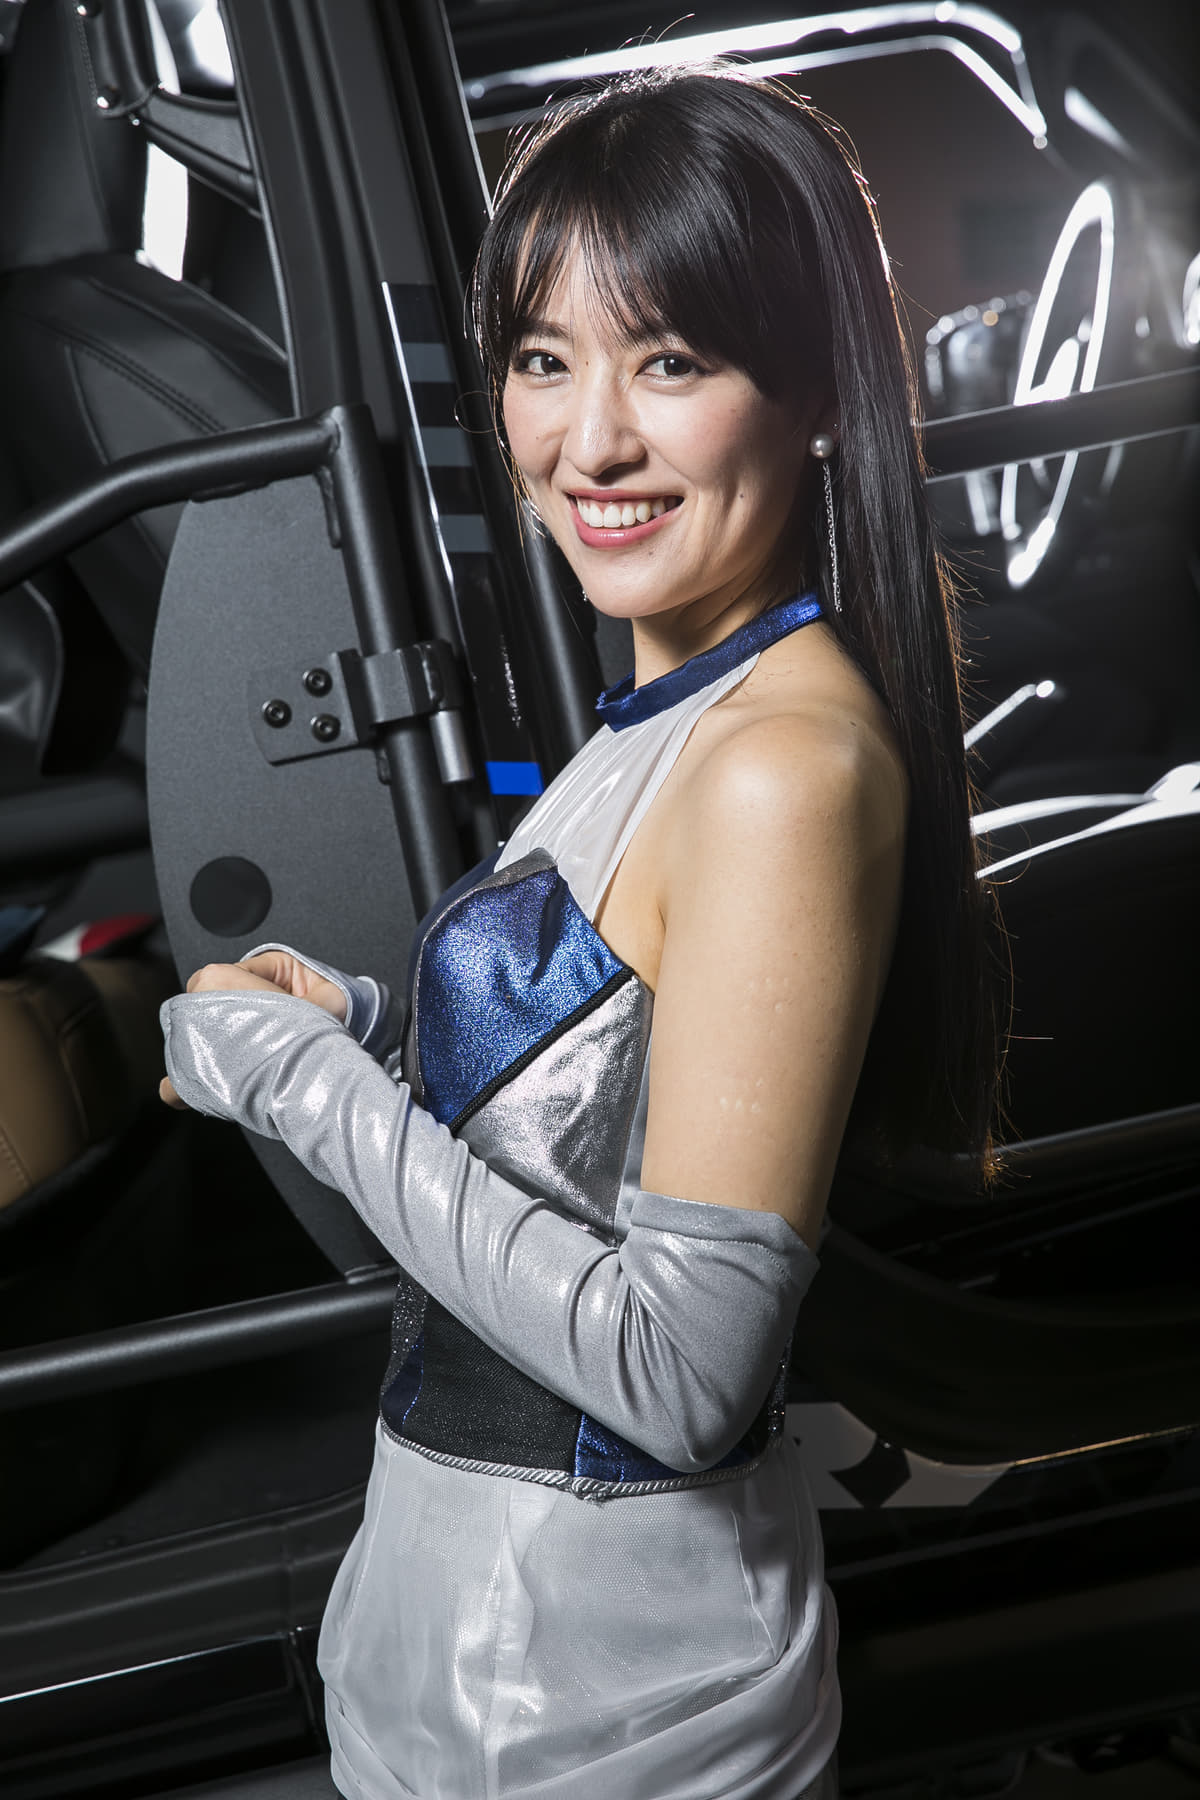 大阪オートメッセ2020・コンパニオン「NAL PHOTO DESIGN 美女名鑑 Vol.2」